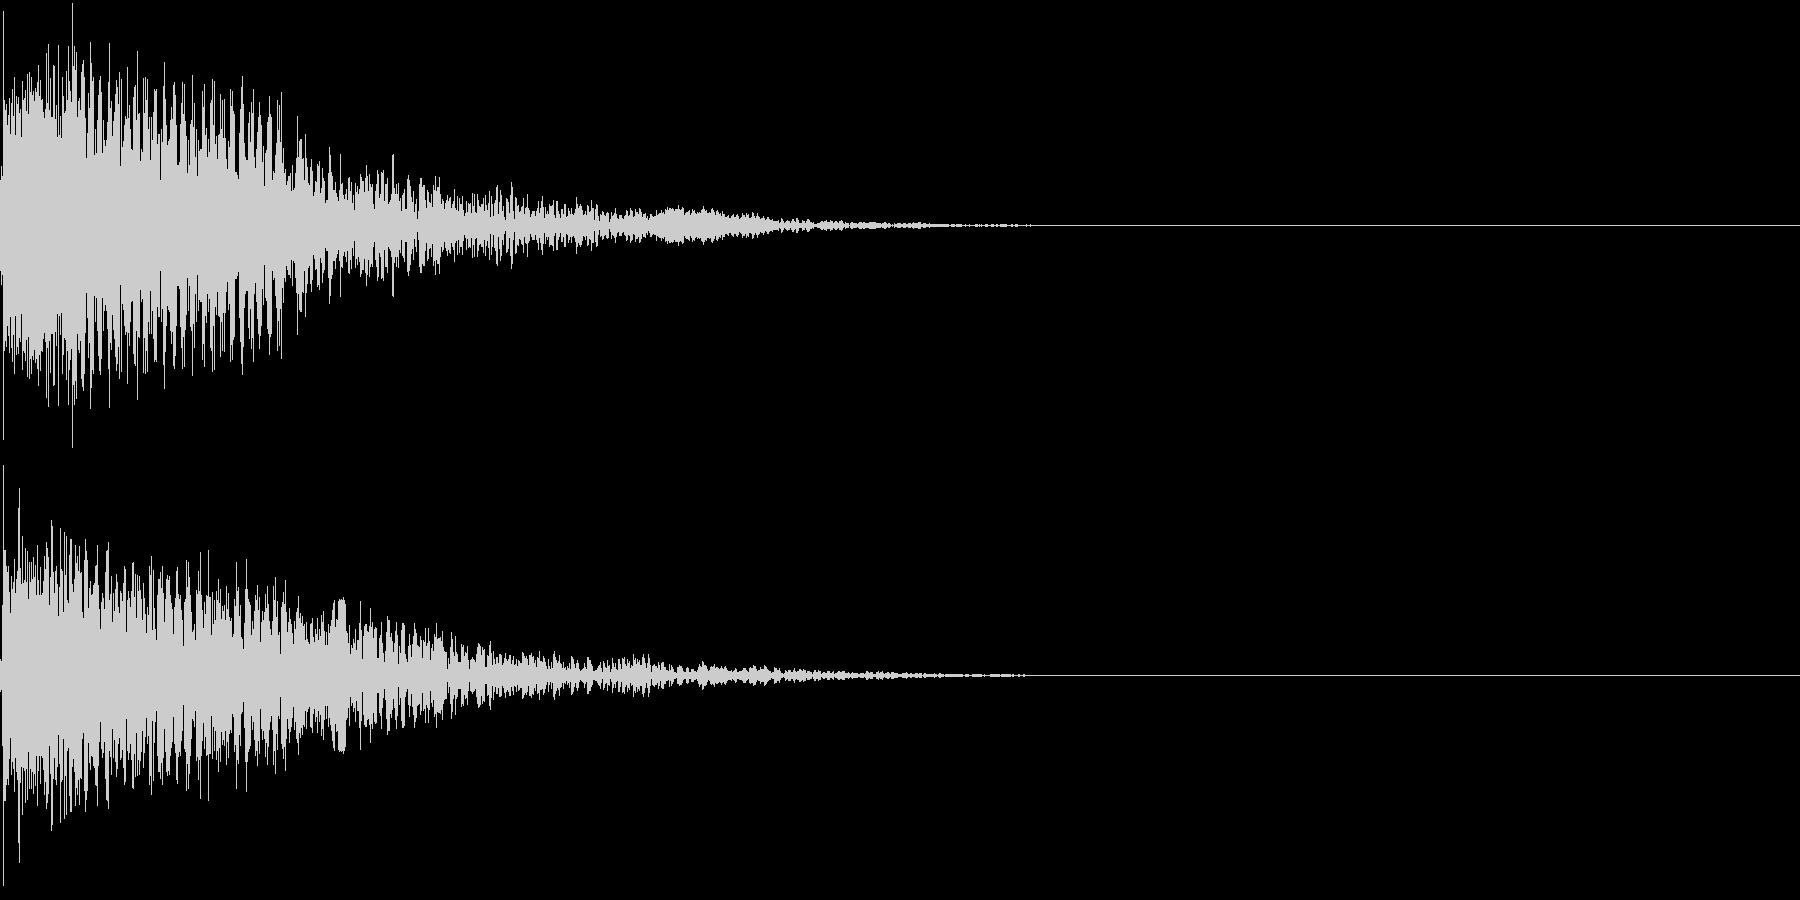 衝撃 金属音 恐怖 震撼 ホラー 08の未再生の波形